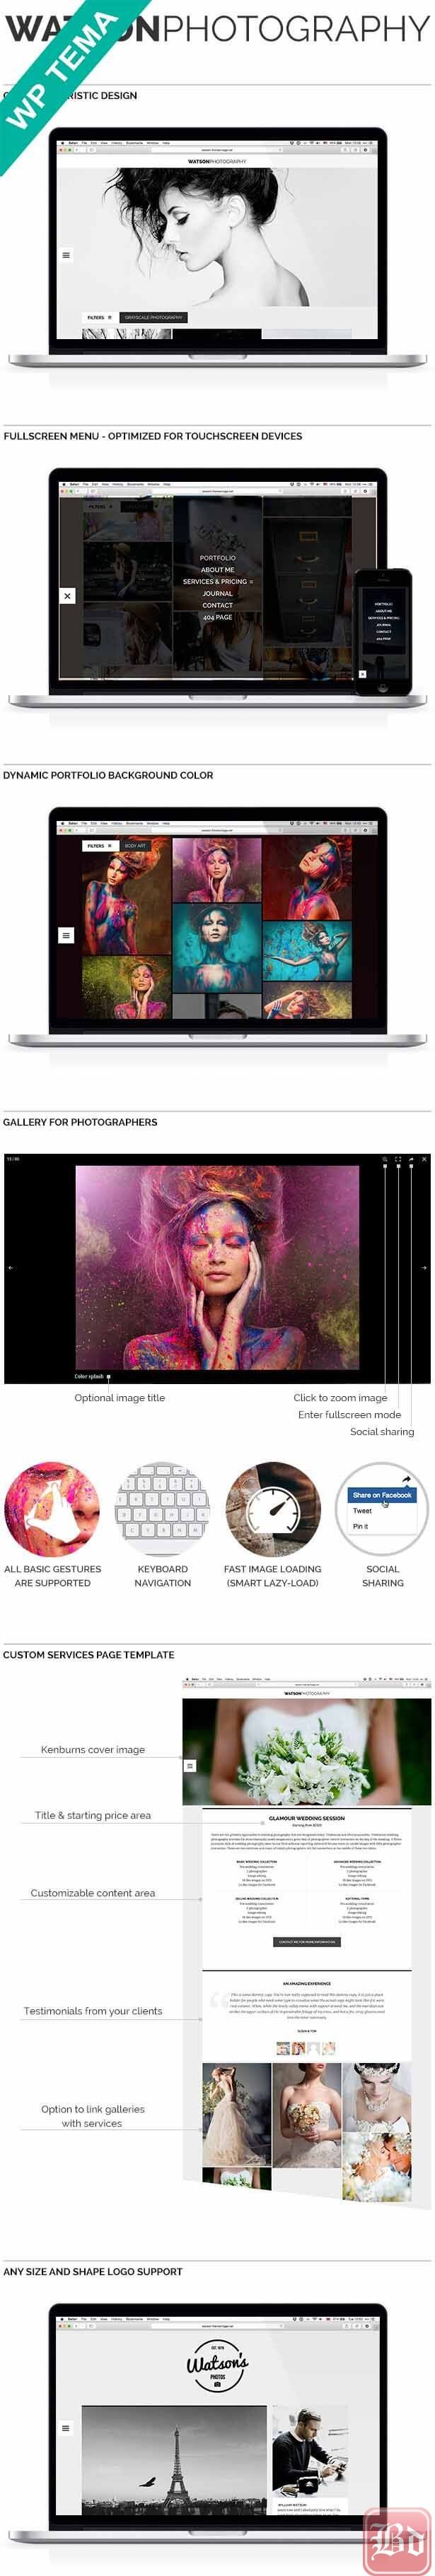 Watson – Photography WordPress Theme